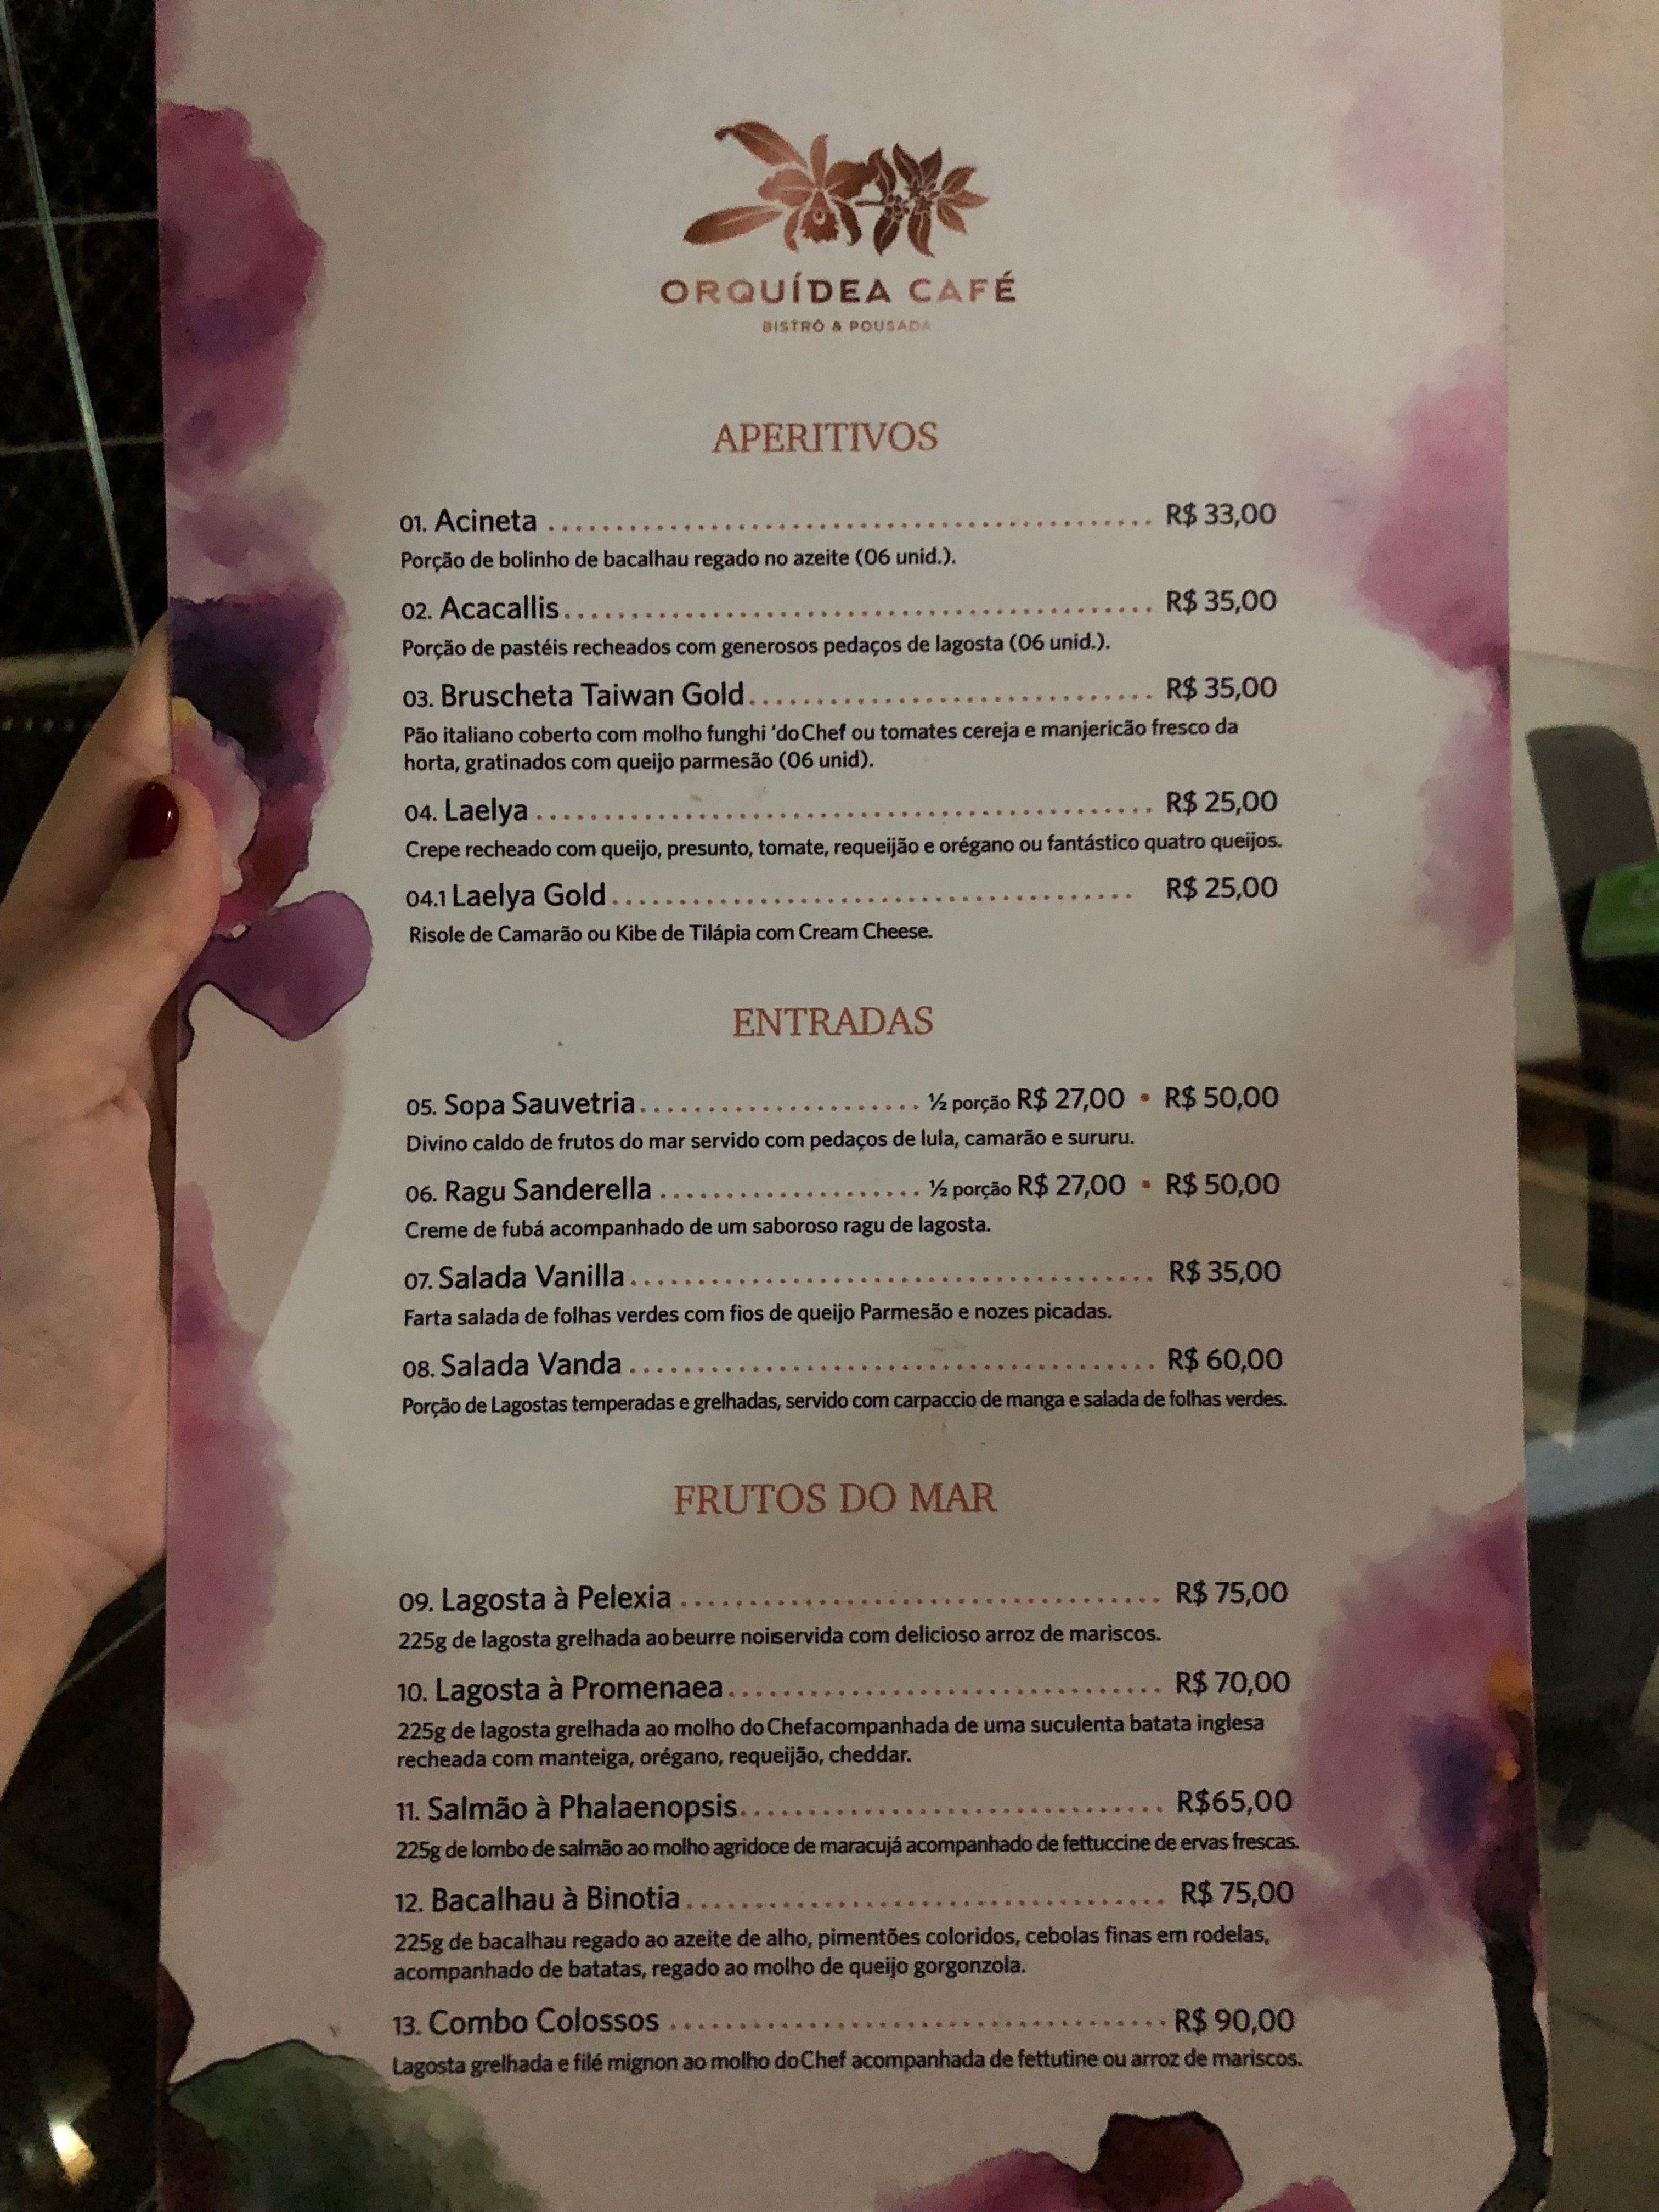 Cardápio – Orquidea Café 1